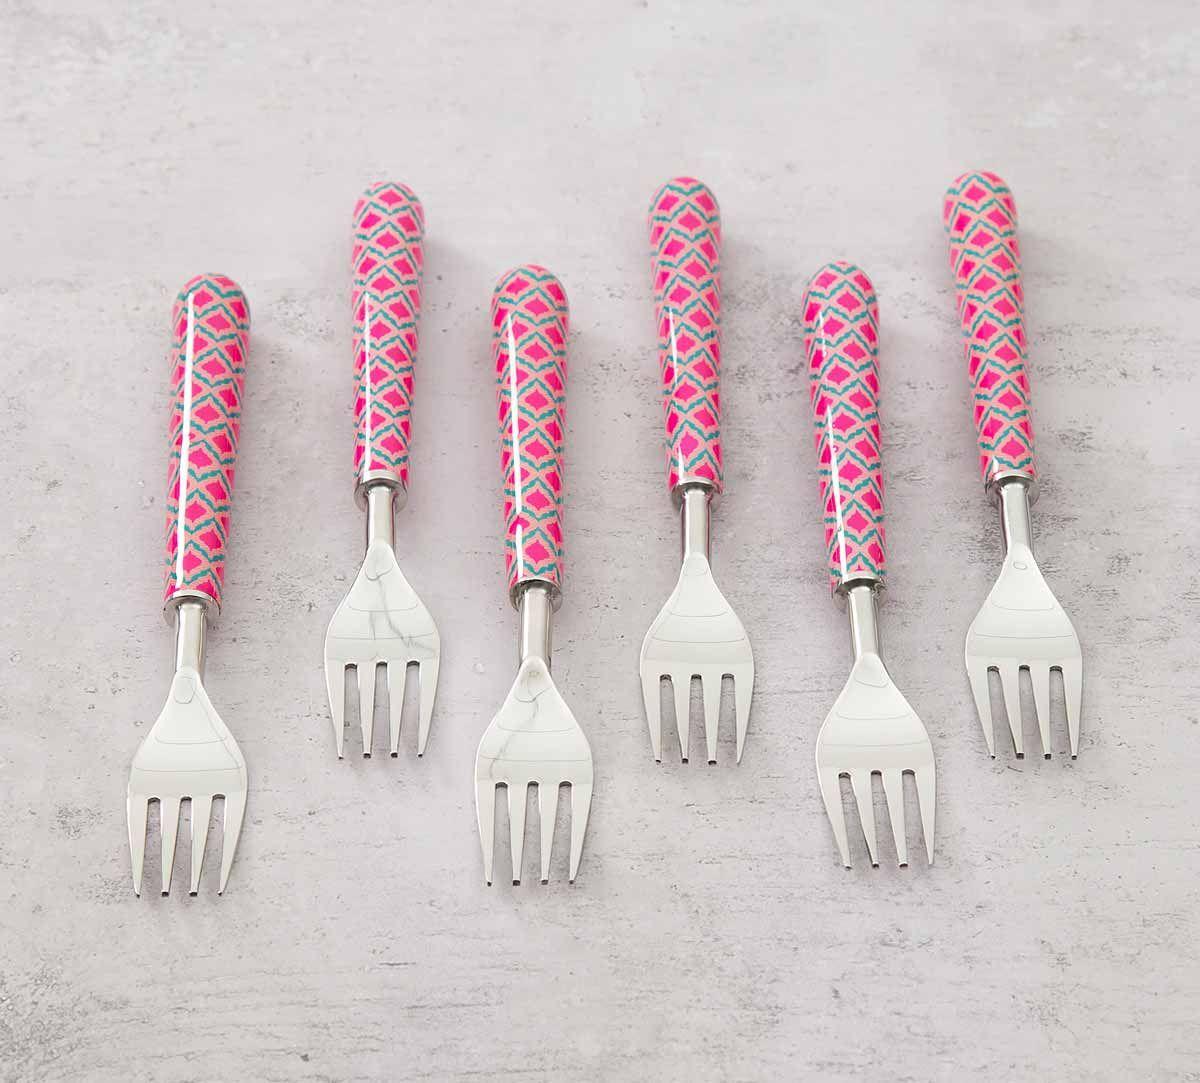 India Circus Lattice Practice Fruit Fork Set of 6